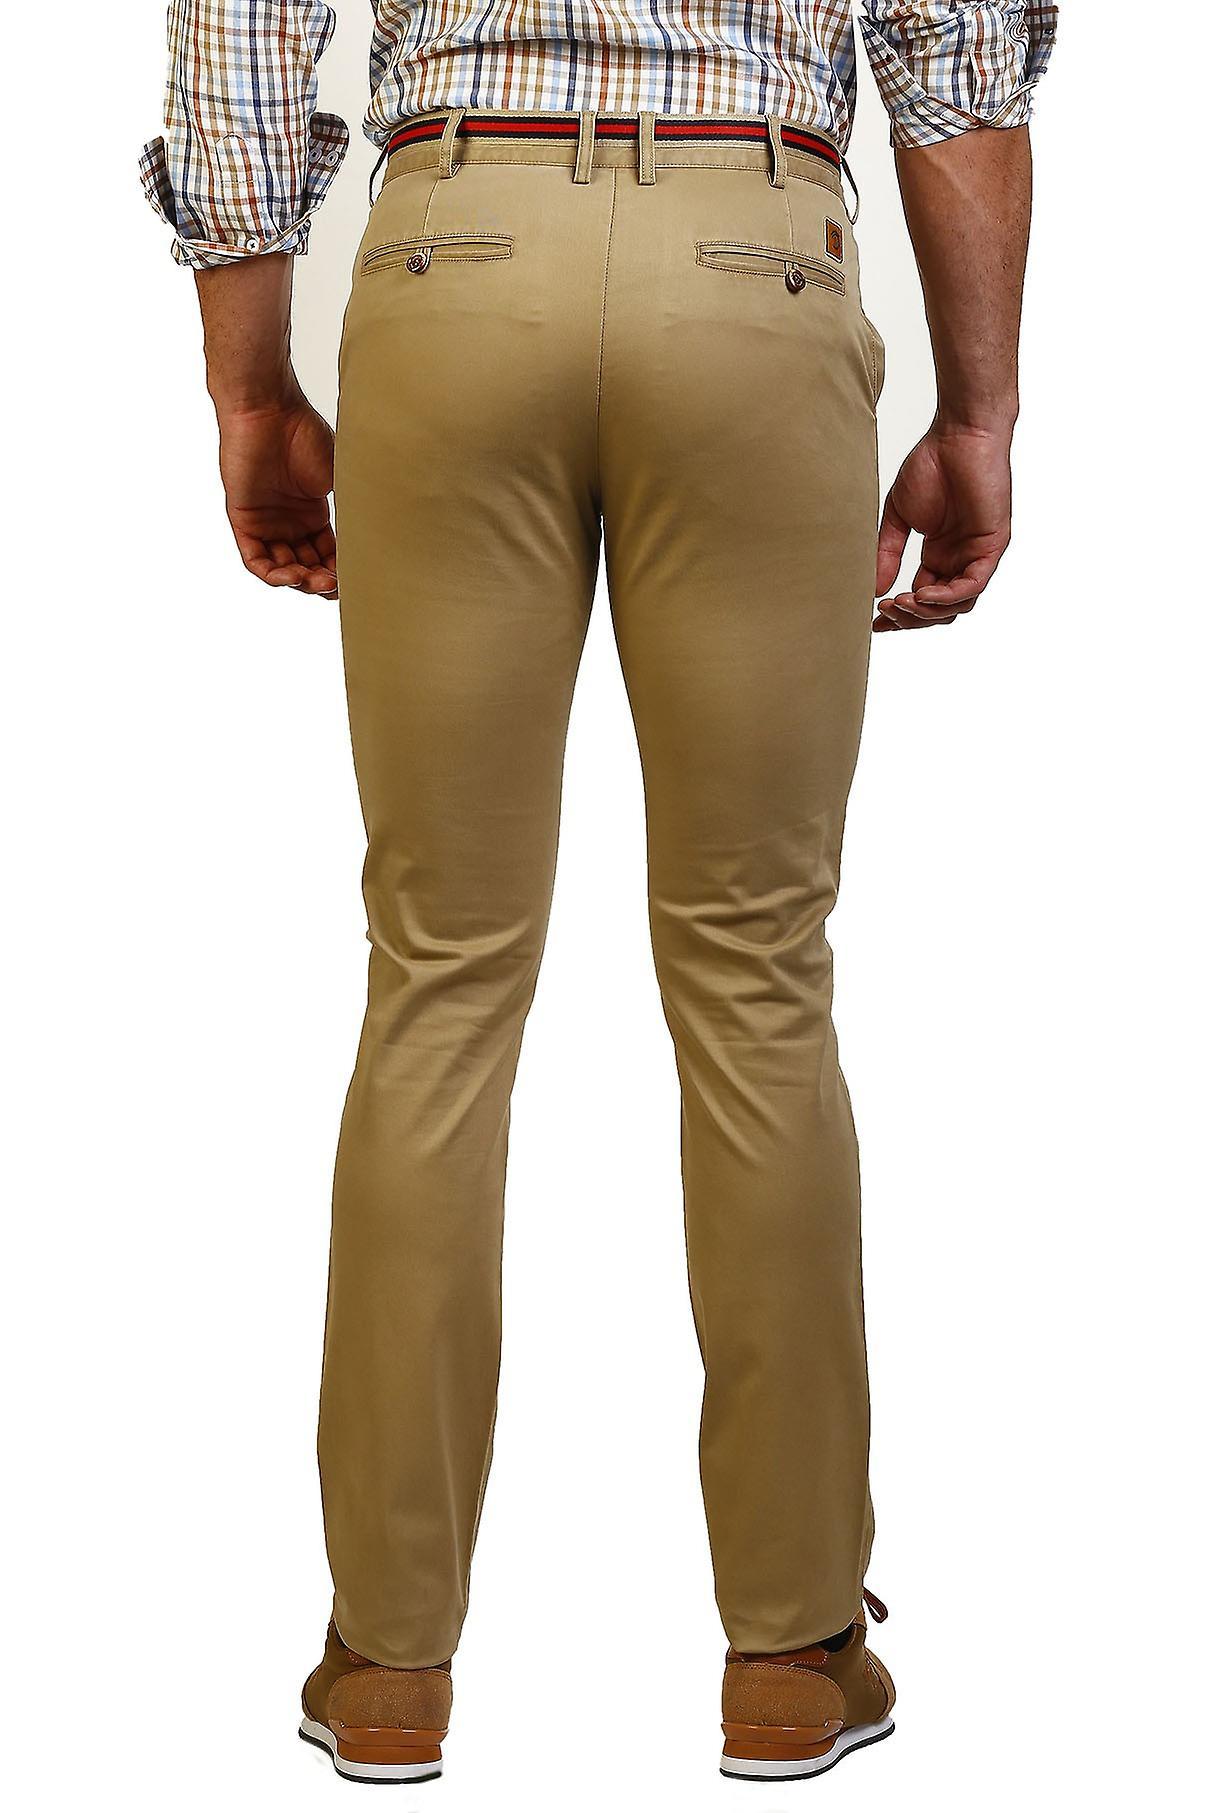 Pantalon Homme Le Temps de Bocha JI1PPOLO-130-Camel 711